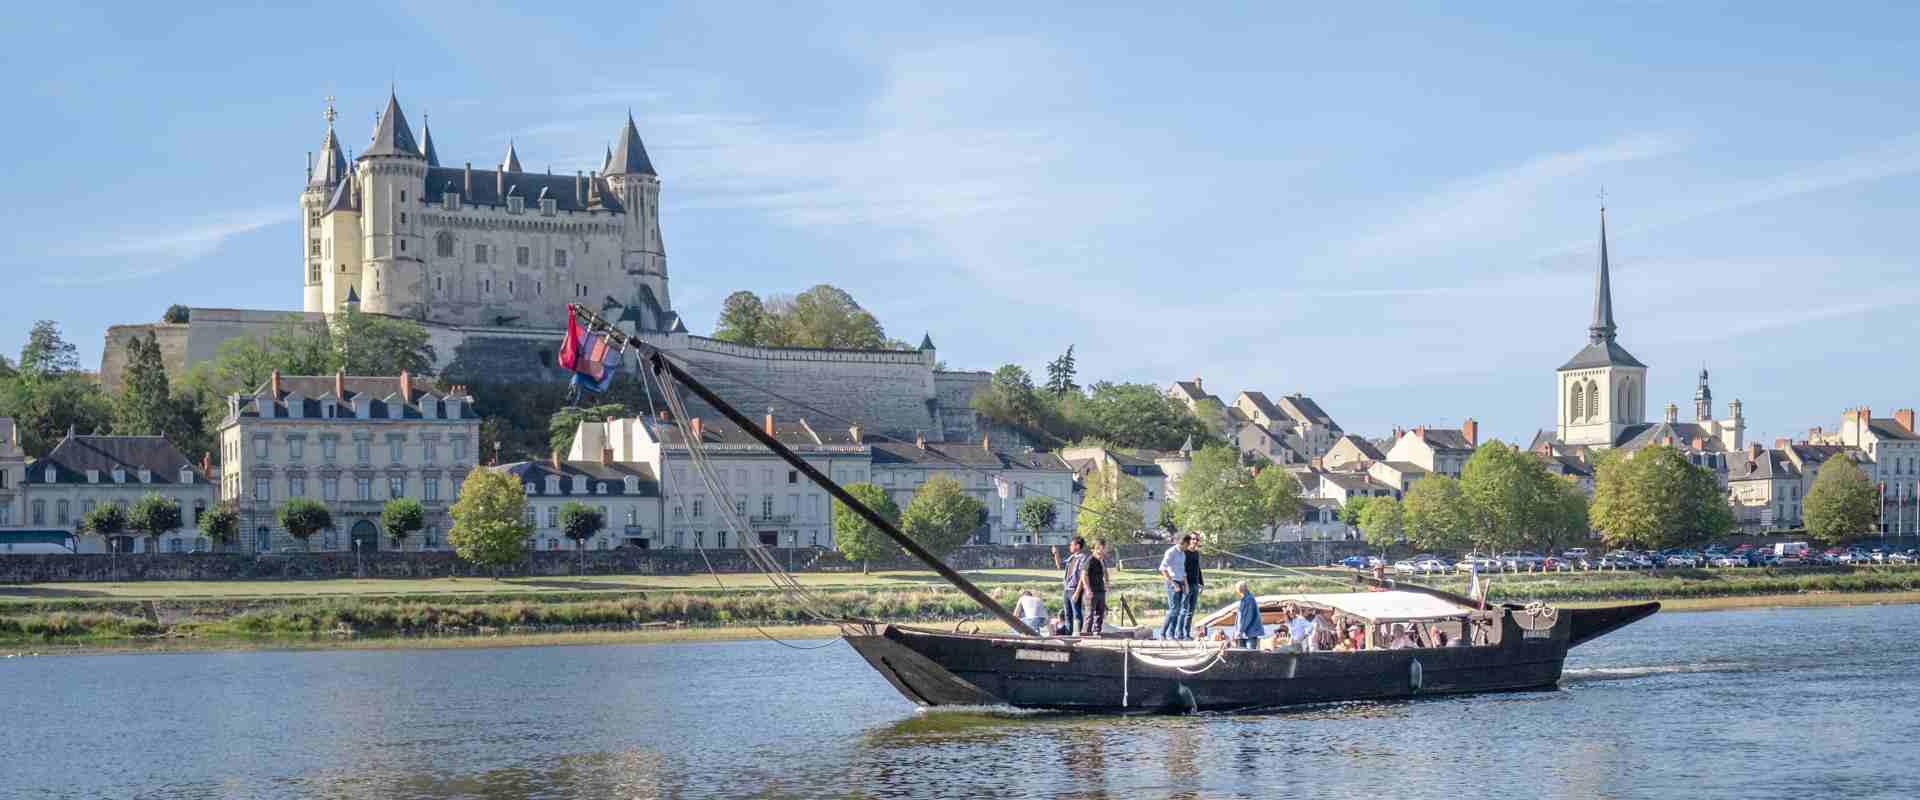 Balade en Loire à bord d'un bateau en bois traditionnel